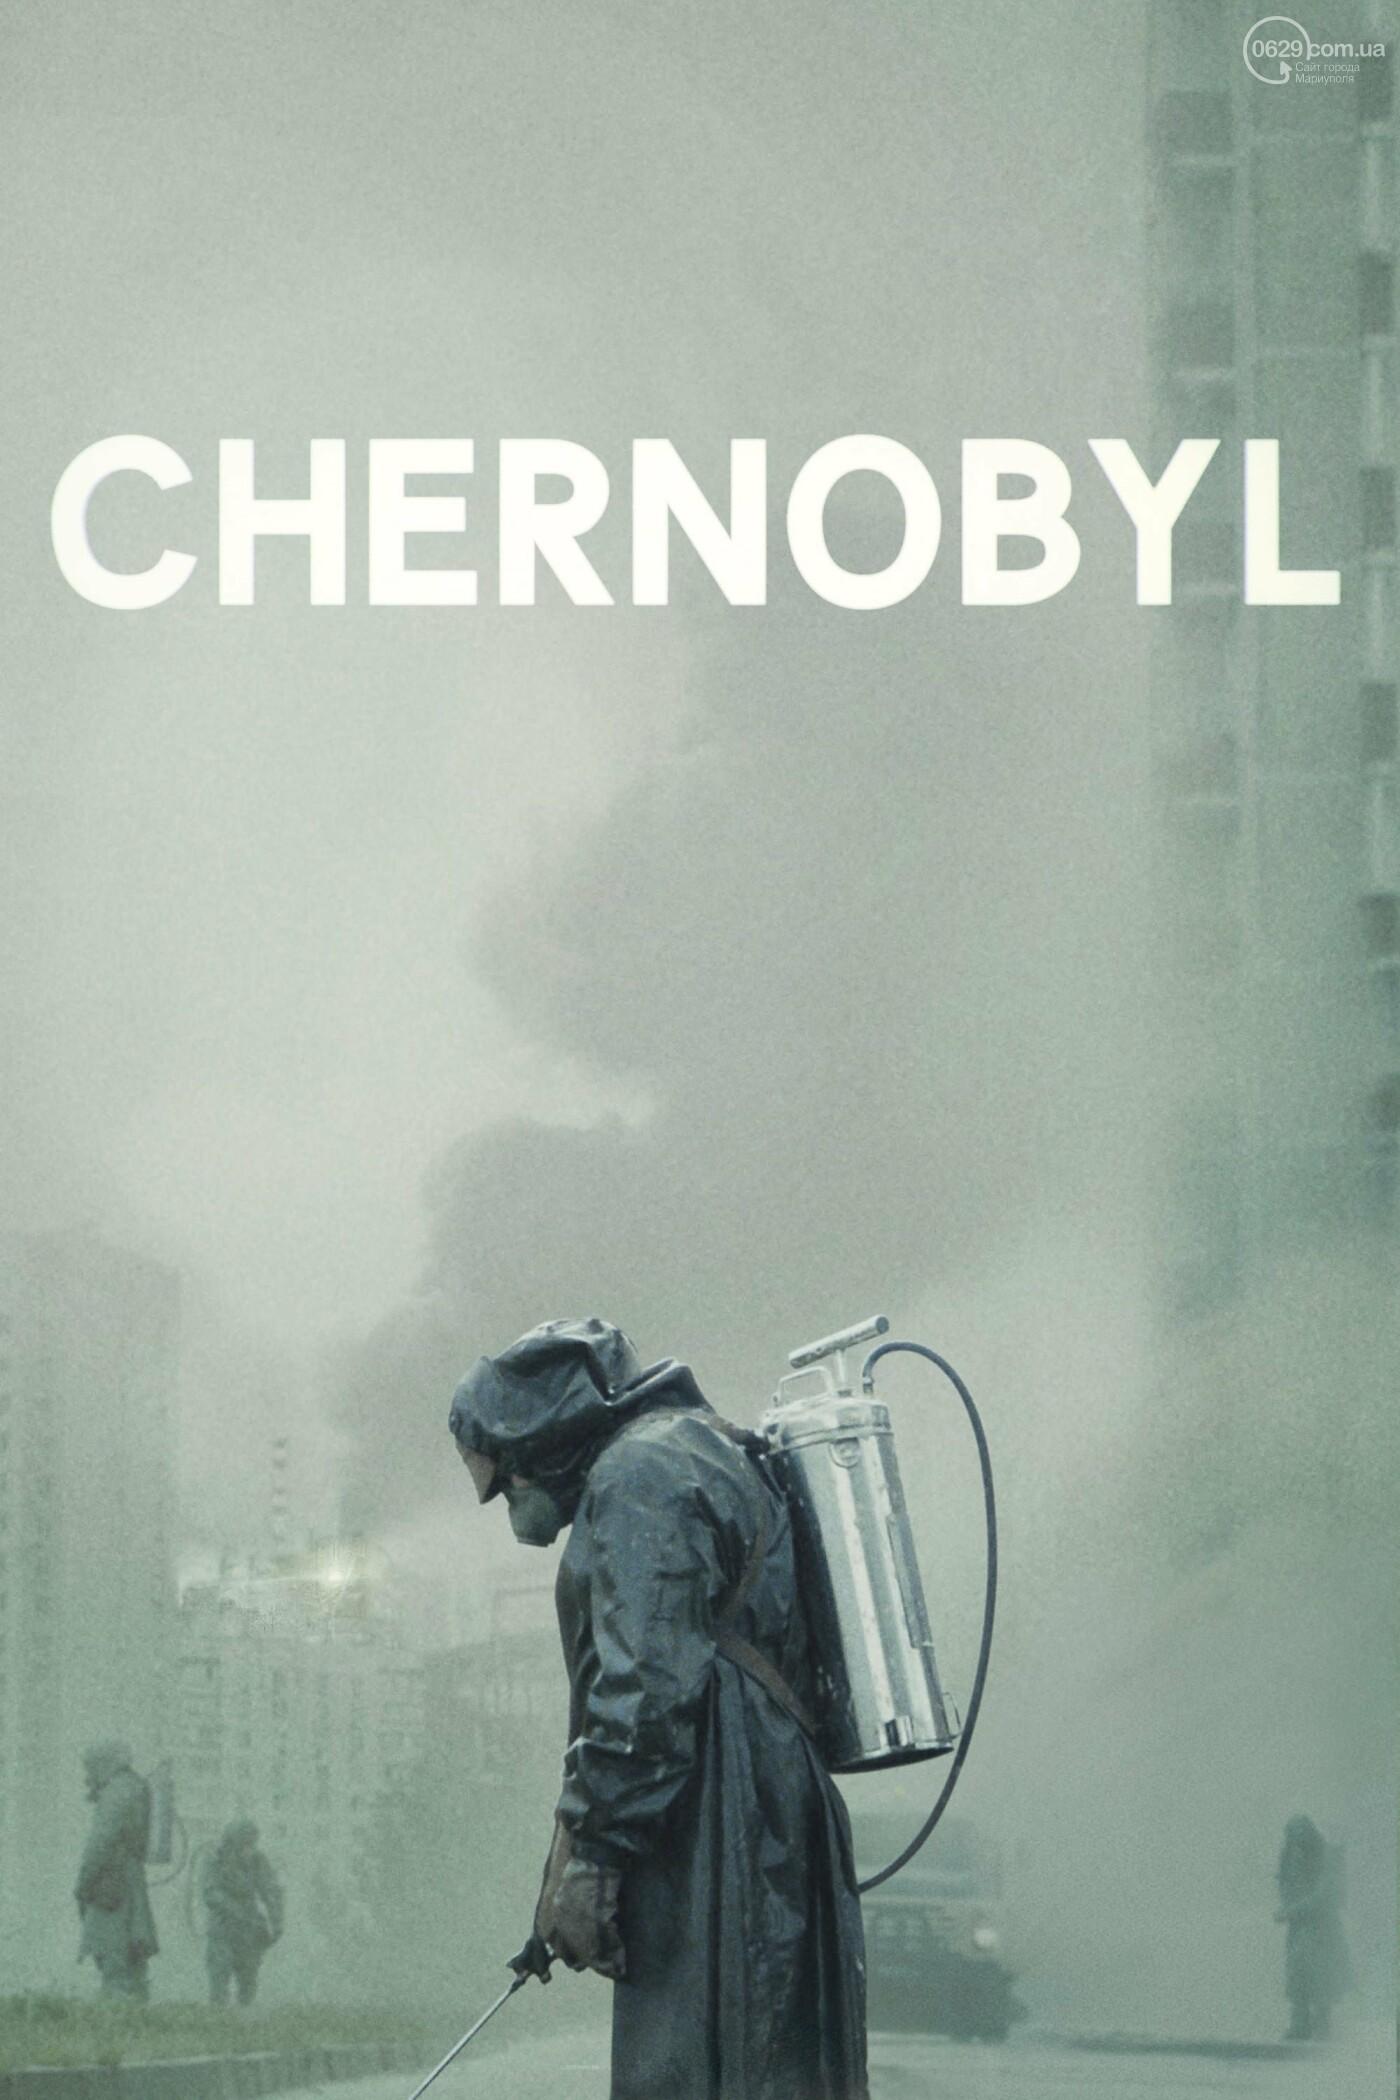 Трагедия на экране. Фильмы про аварию на Чернобыльской атомной станции, - ФОТО, фото-1